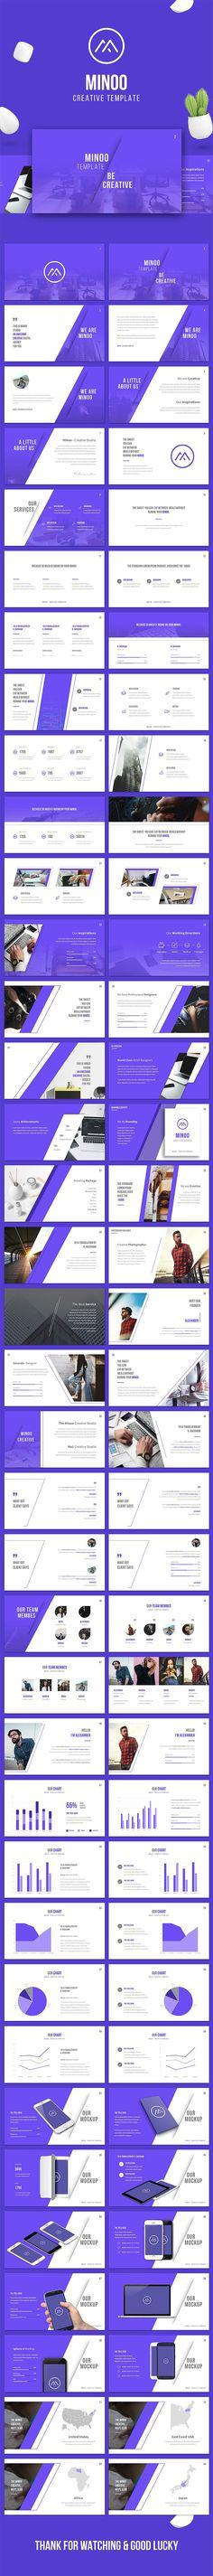 Креативный шаблон презентации KEY, PPTX, PPT